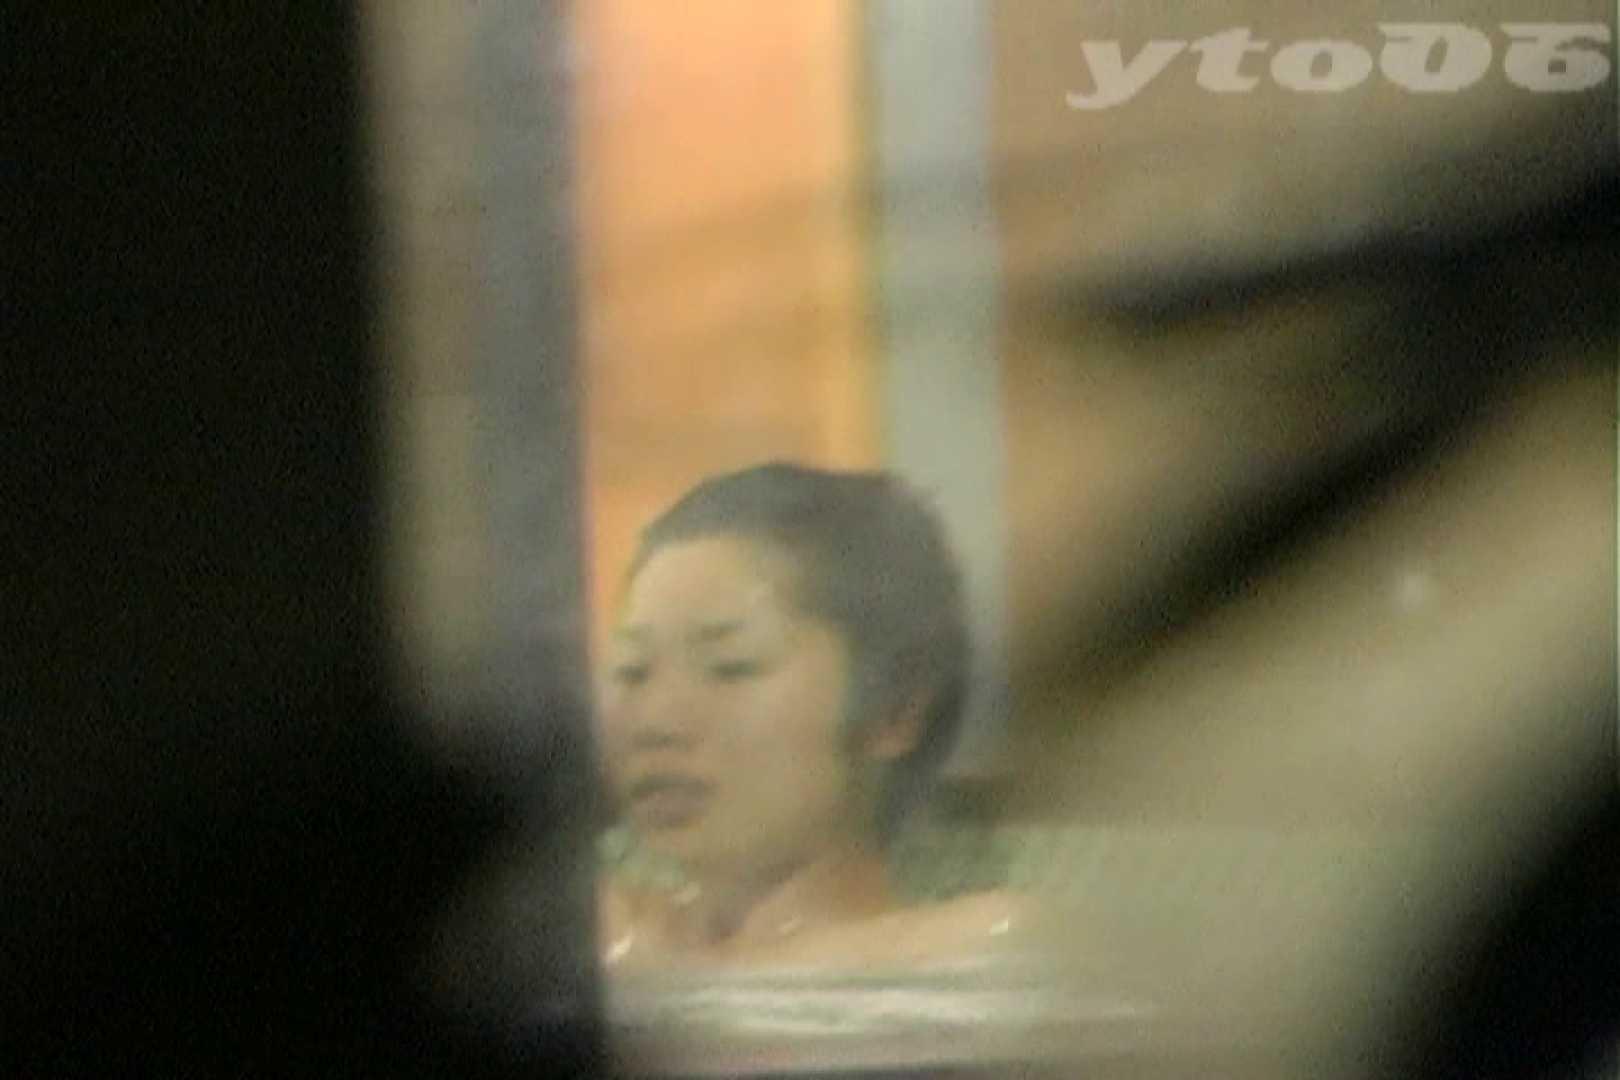 ▲復活限定▲合宿ホテル女風呂盗撮 Vol.36 期間限定動画 オメコ動画キャプチャ 102枚 20